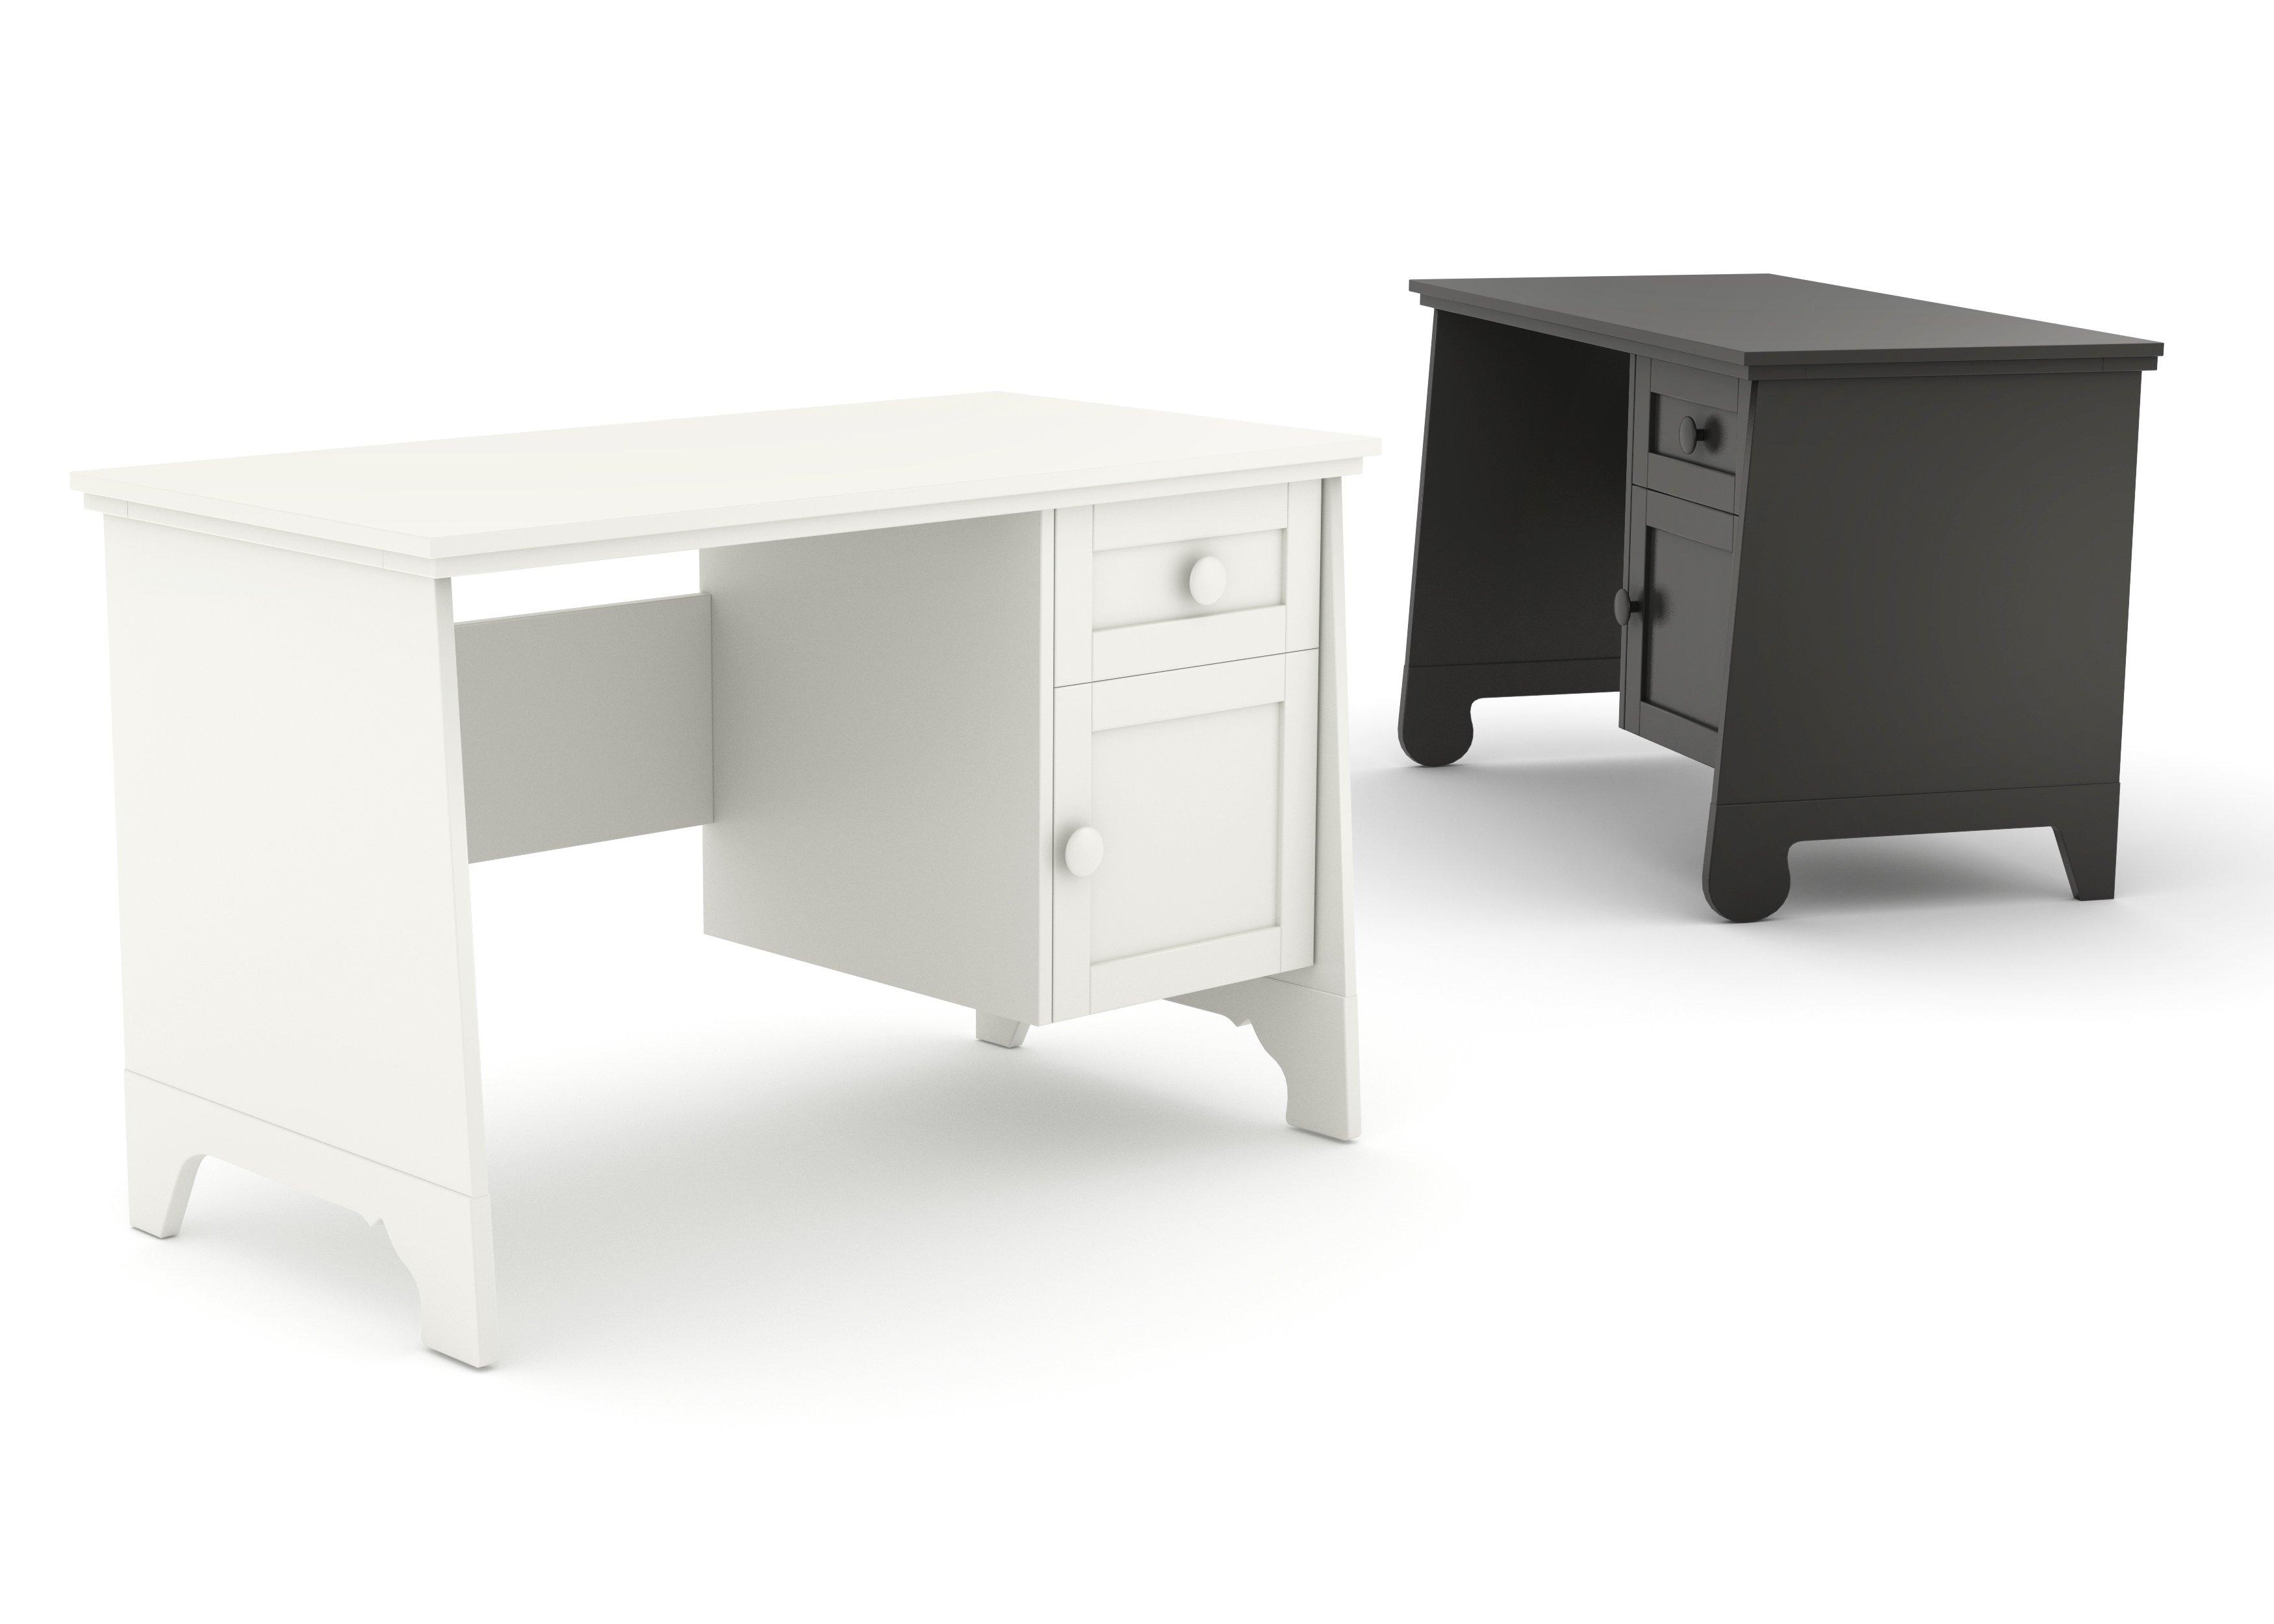 Clariss stylowe biurko dziecięce i młodzieżowe